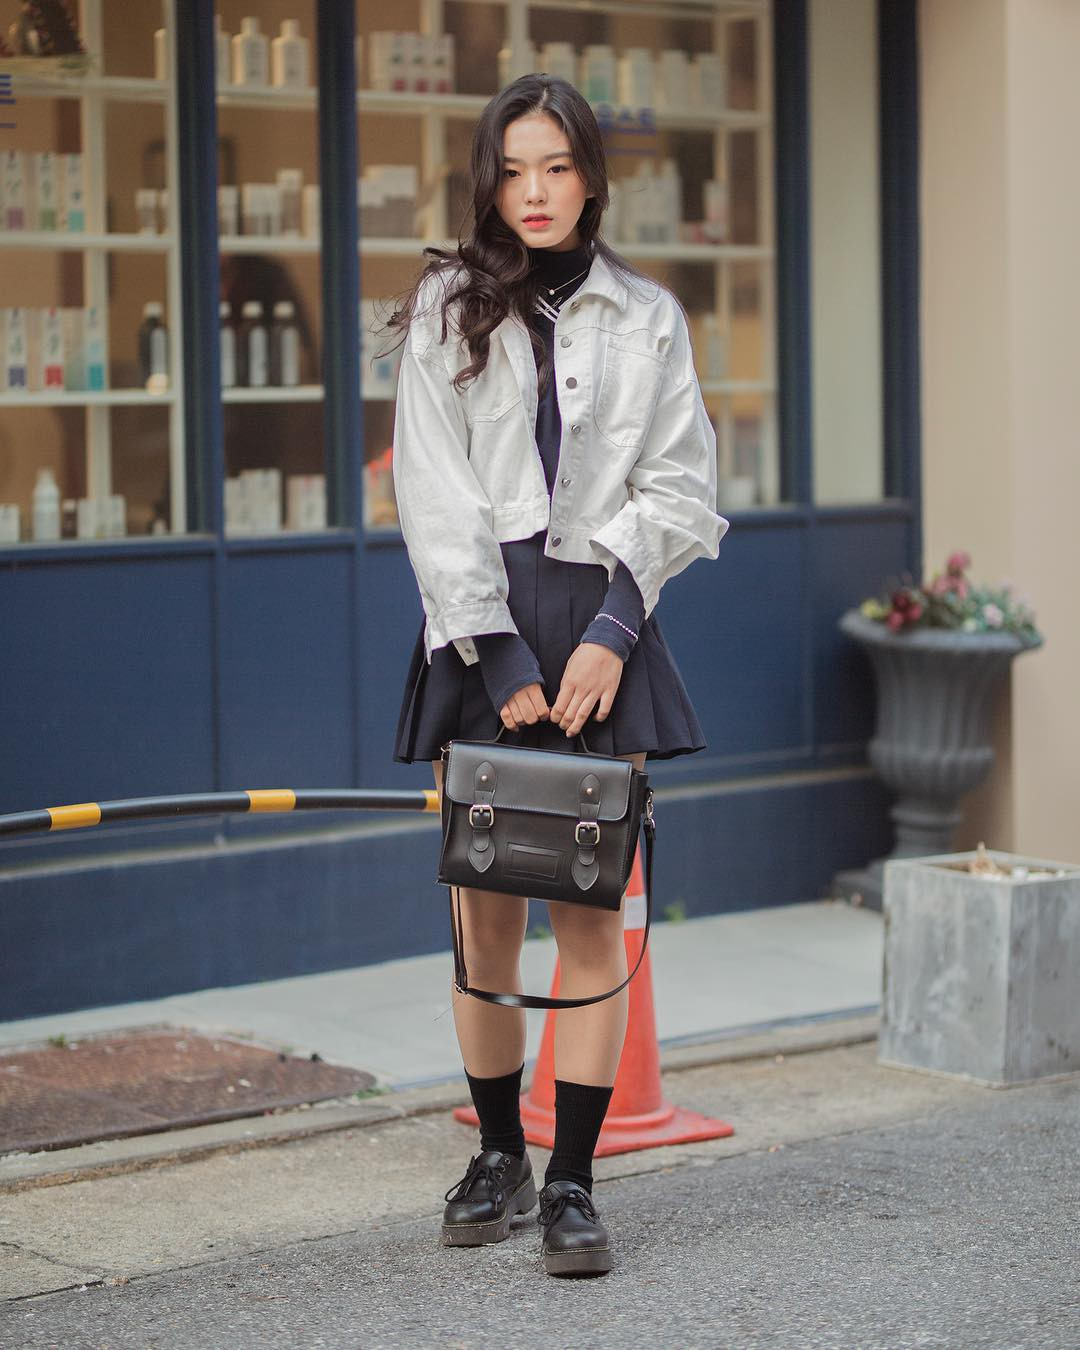 Street style không áo dạ, áo phao của giới trẻ Hàn tuần qua chính là gợi ý mix đồ tuyệt vời cho mùa đông không lạnh tại Hà Nội lúc này - Ảnh 4.